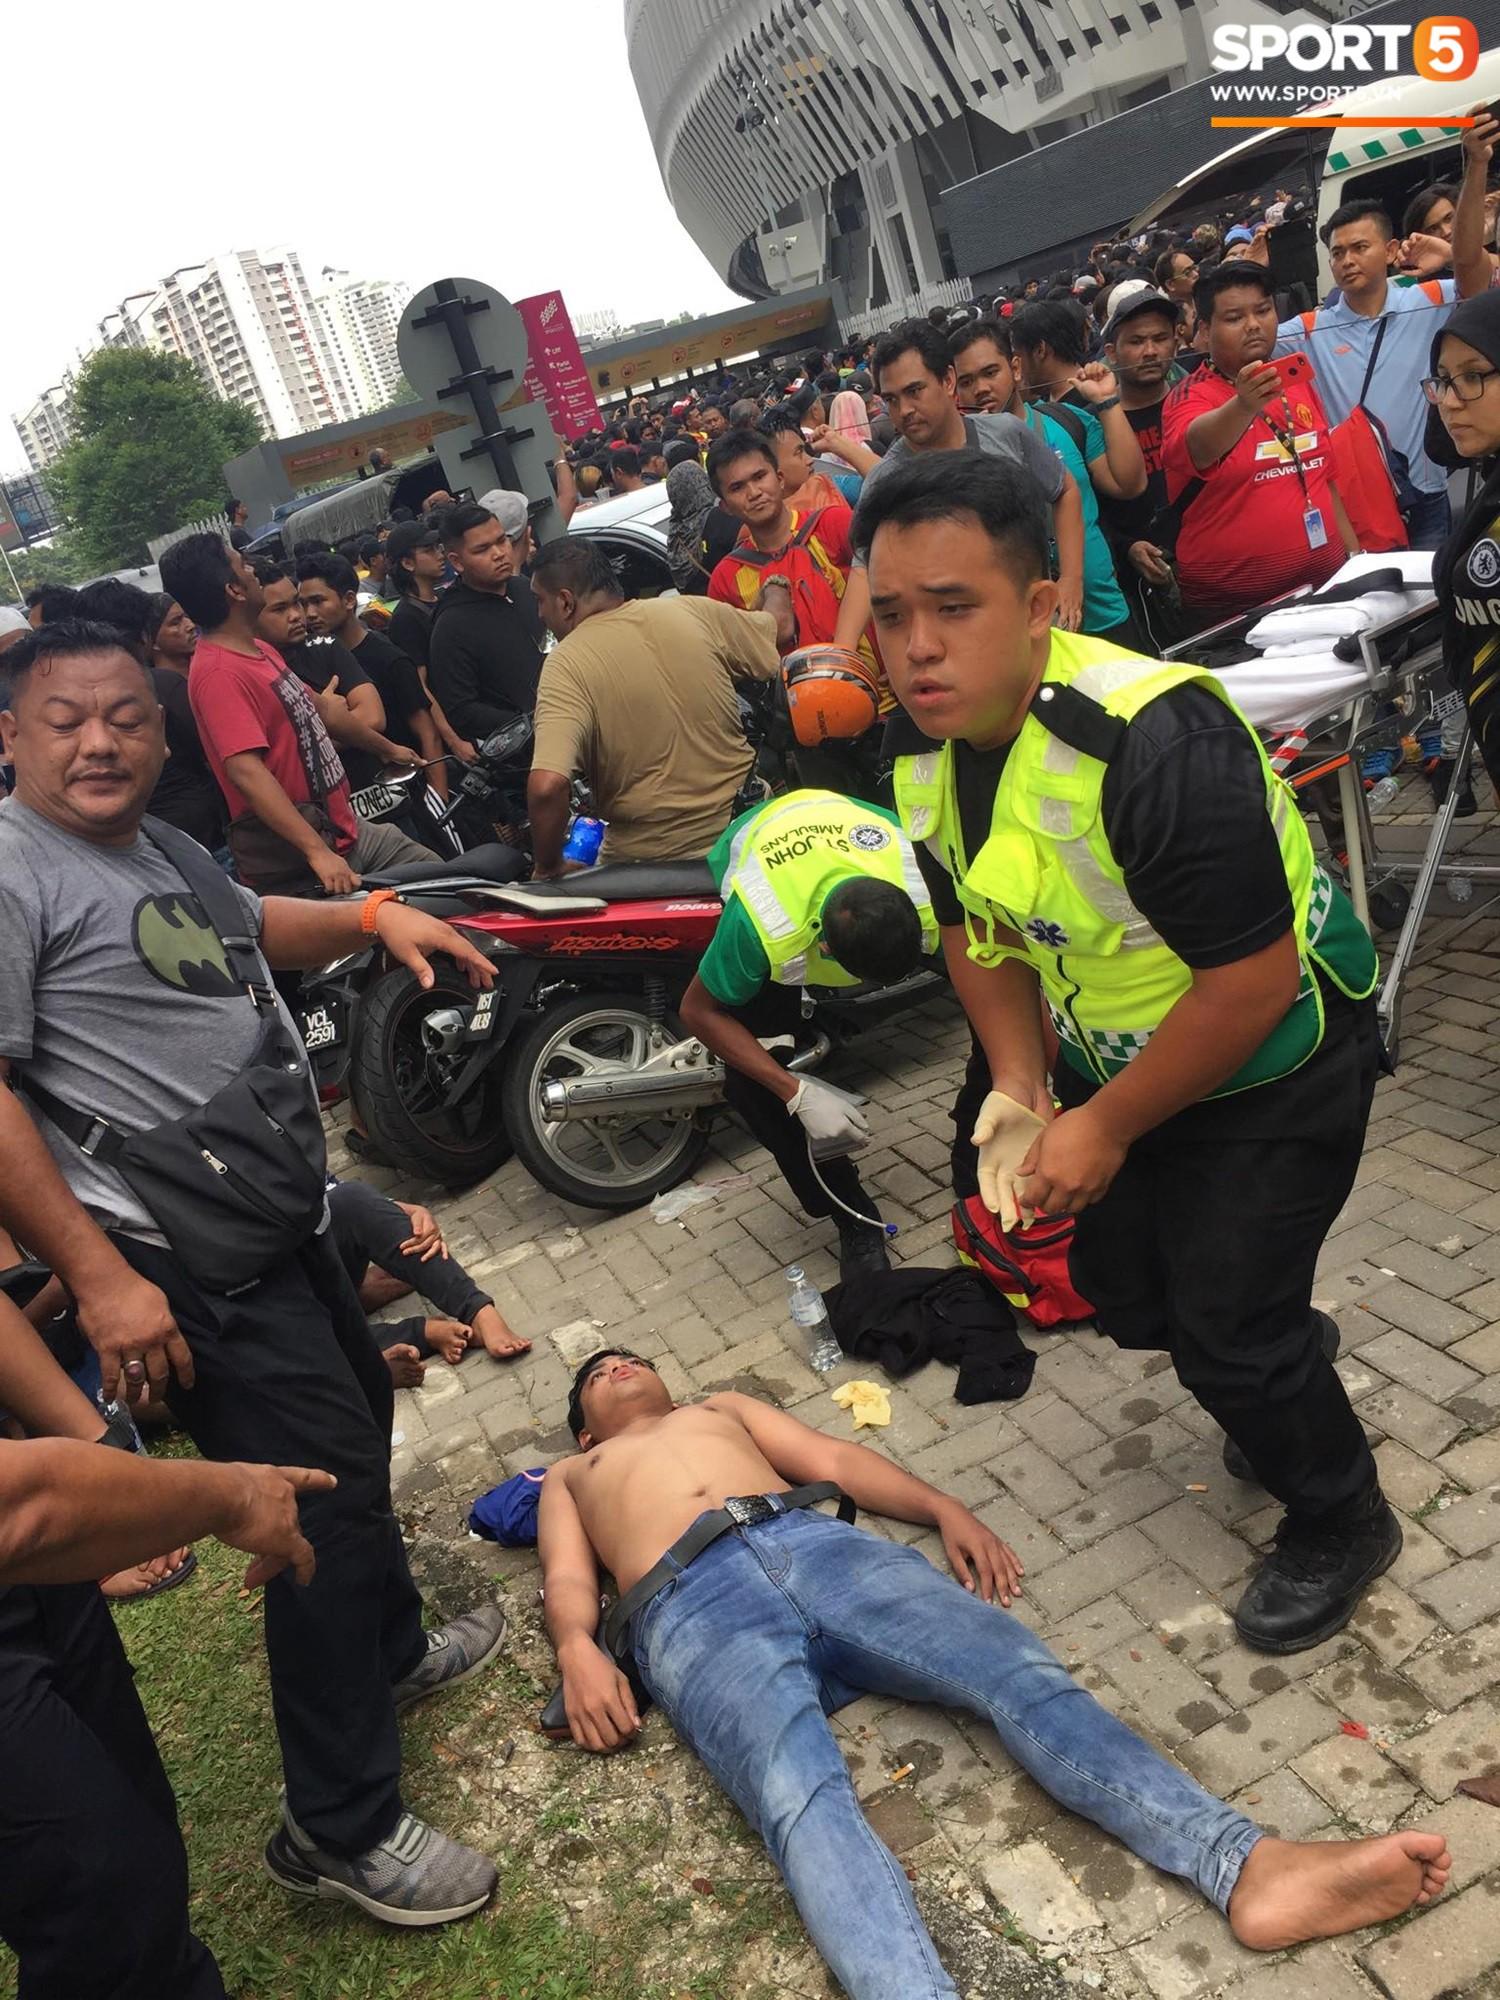 Kinh hoàng cảnh mua vé xem chung kết AFF Cup tại Malaysia: Nhiều người kiệt sức, nằm la liệt bên đường 2